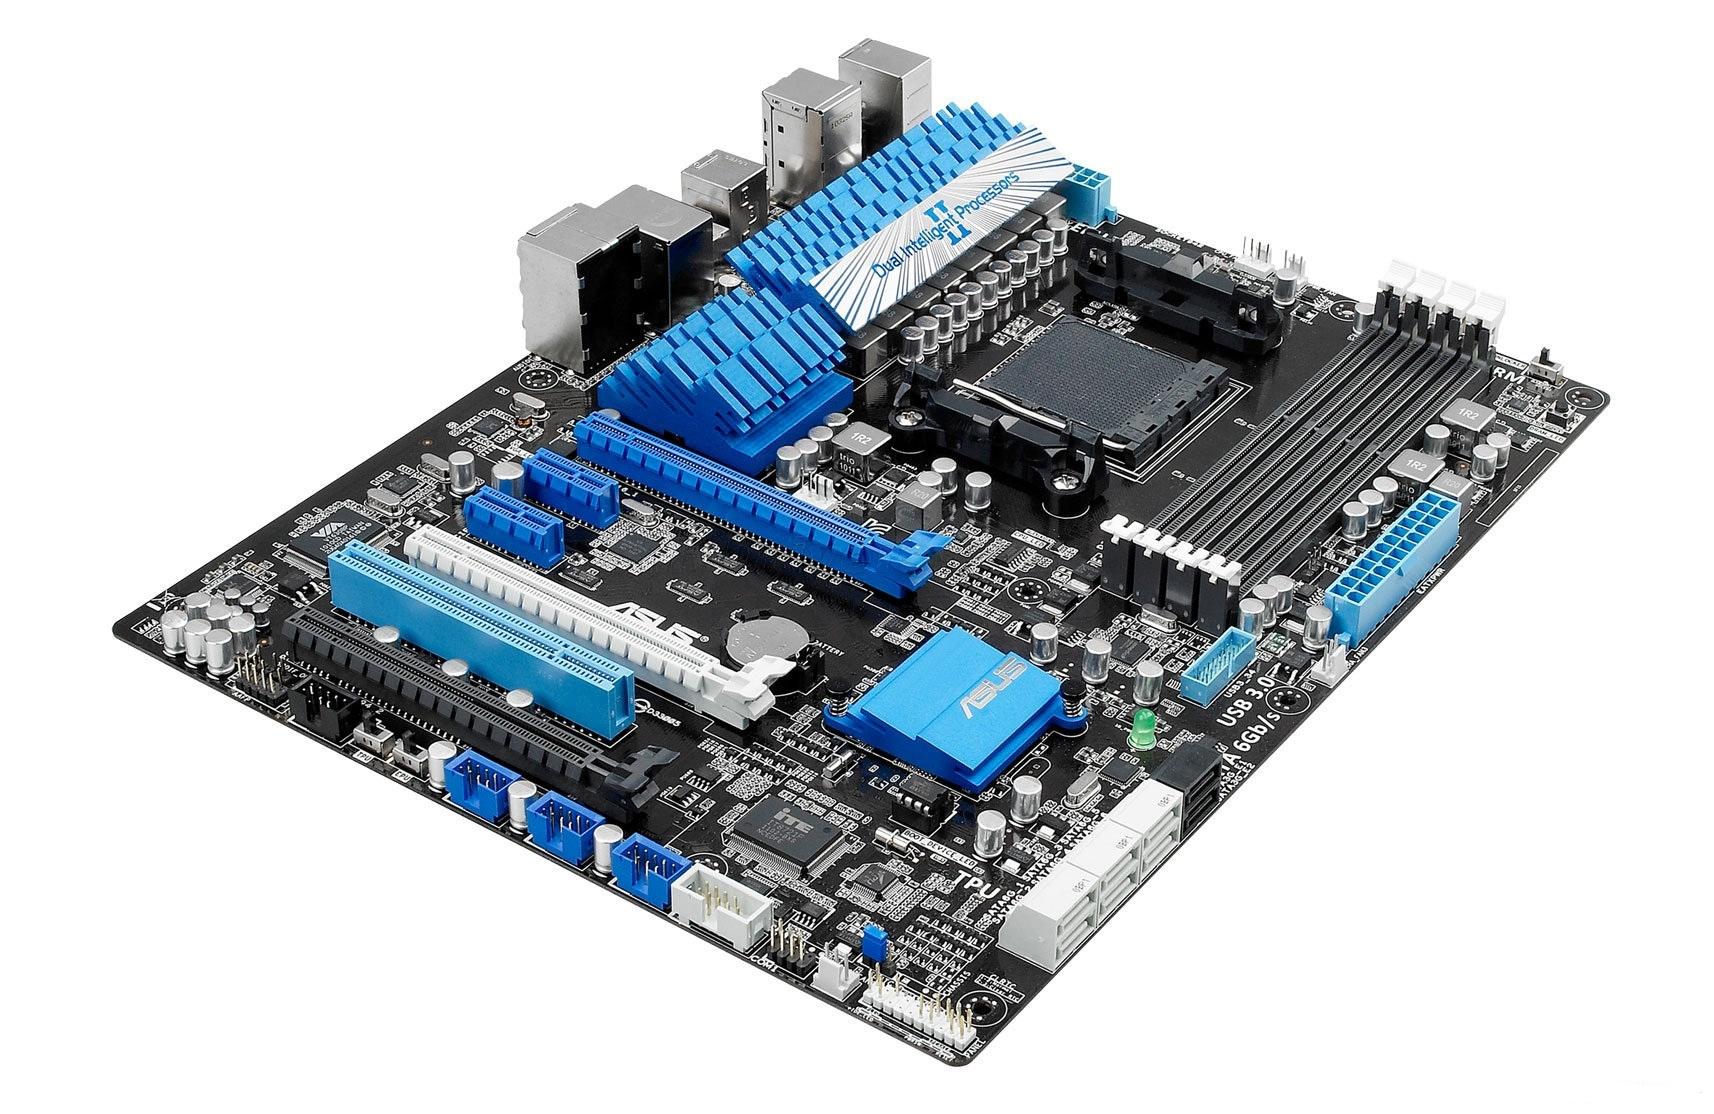 """今天网上曝光了华硕的一款AMD 990X芯片组主板,型号为""""M5A99X EVO"""",确认将会支持NVIDIA SLI技术。 该主板采用AMD 990X+SB950的芯片组组合,支持Socket AM3+ FX系列推土机架构处理器,使用6+2相的Digi+数字模拟混合供电,支持EPU节能技术、TPU超频技术,BIOS界面也使用了图形化的UEFI,另有六个SATA 6Gbps和至少两个USB 3."""